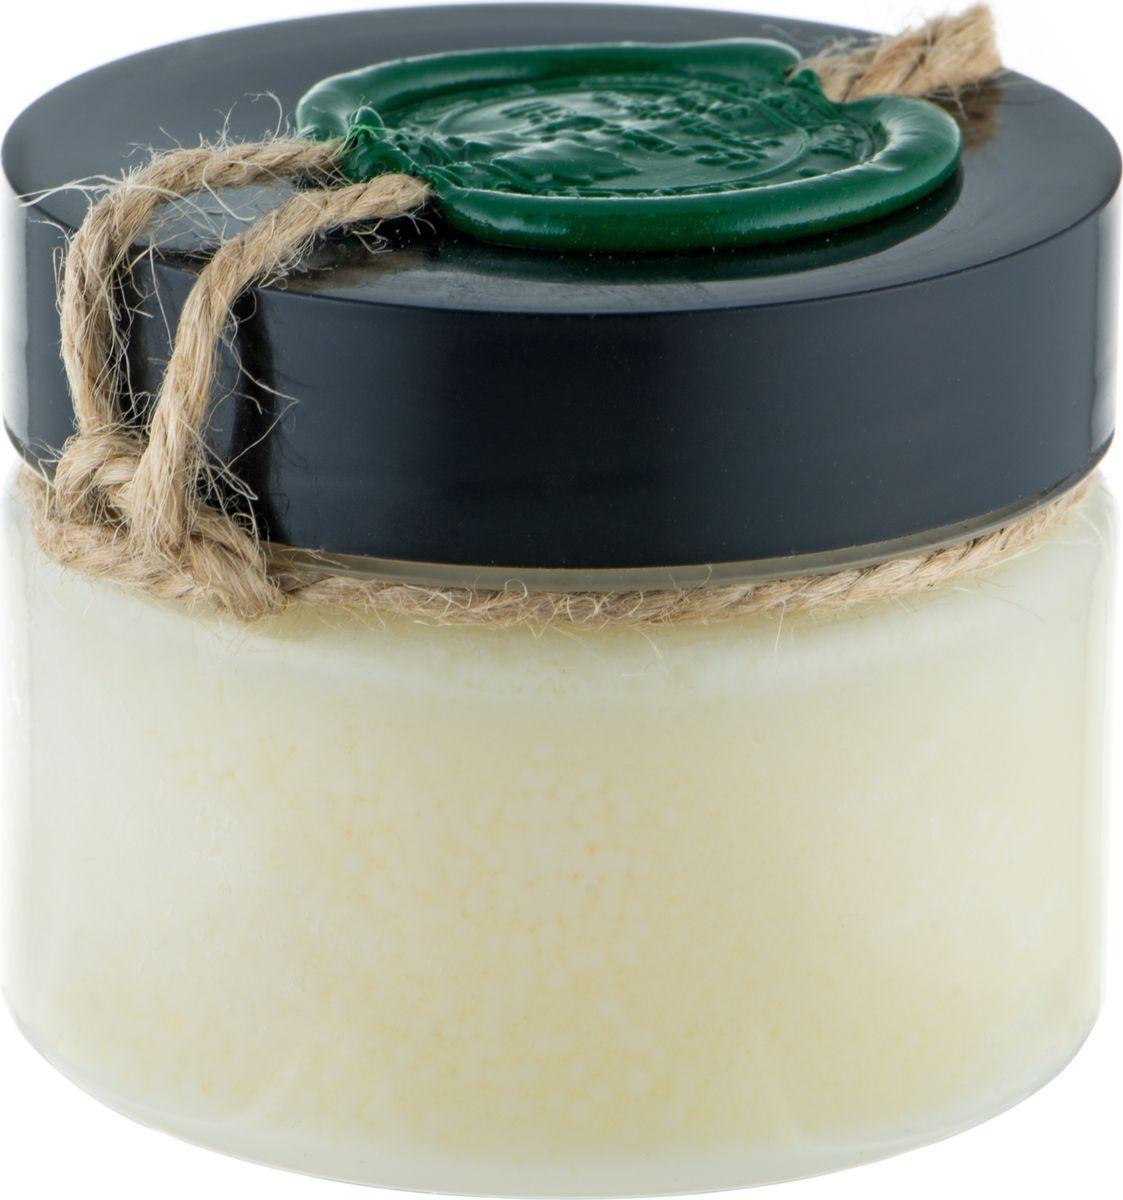 Huilargan Бабассу масло 100 гр10374Масло бабассу – настоящая находка для всех, кто страдает отизлишней сухости кожи, волос и губ.Рекомендуем масло бабассу для ухода за изможденной,шелушащейся кожей, страдающей недостаточным увлажнением.Кроме того, оно помогает заметно омолодить кожу, тронутуюпервыми признаками старения, которая уже начала терять своюэластичность и упругость. Масло бабассу превосходноразглаживает кожу, практически уничтожая морщины. Онопридает коже сияющий, здоровый вид и естественный блескМасло бабассу является прекрасным эмолентом и хорошораспределяется по коже, быстро впитывается и не оставляетжирного блеска и ощущения жирности. При нанесении на кожупридает последней мягкость и шелковистость, успокаивает изащищает, предотвращает обезвоживание кожи, делает еёэластичной. Смягчает, защищает волосы, улучшает структуруповрежденных волос.Благодаря токотриенолам обладает антиоксидантным иантивозрастным действием.Масло бабассу содержит высокую долю лауриновой кислоты,которая обладает антимикробным действием.Подходит для всех типов кожи, в том числе чувствительной.Защитное и смягчающее действие благотворно сказывается наповрежденной, обезвоженной, грубой, шелушащейся коже